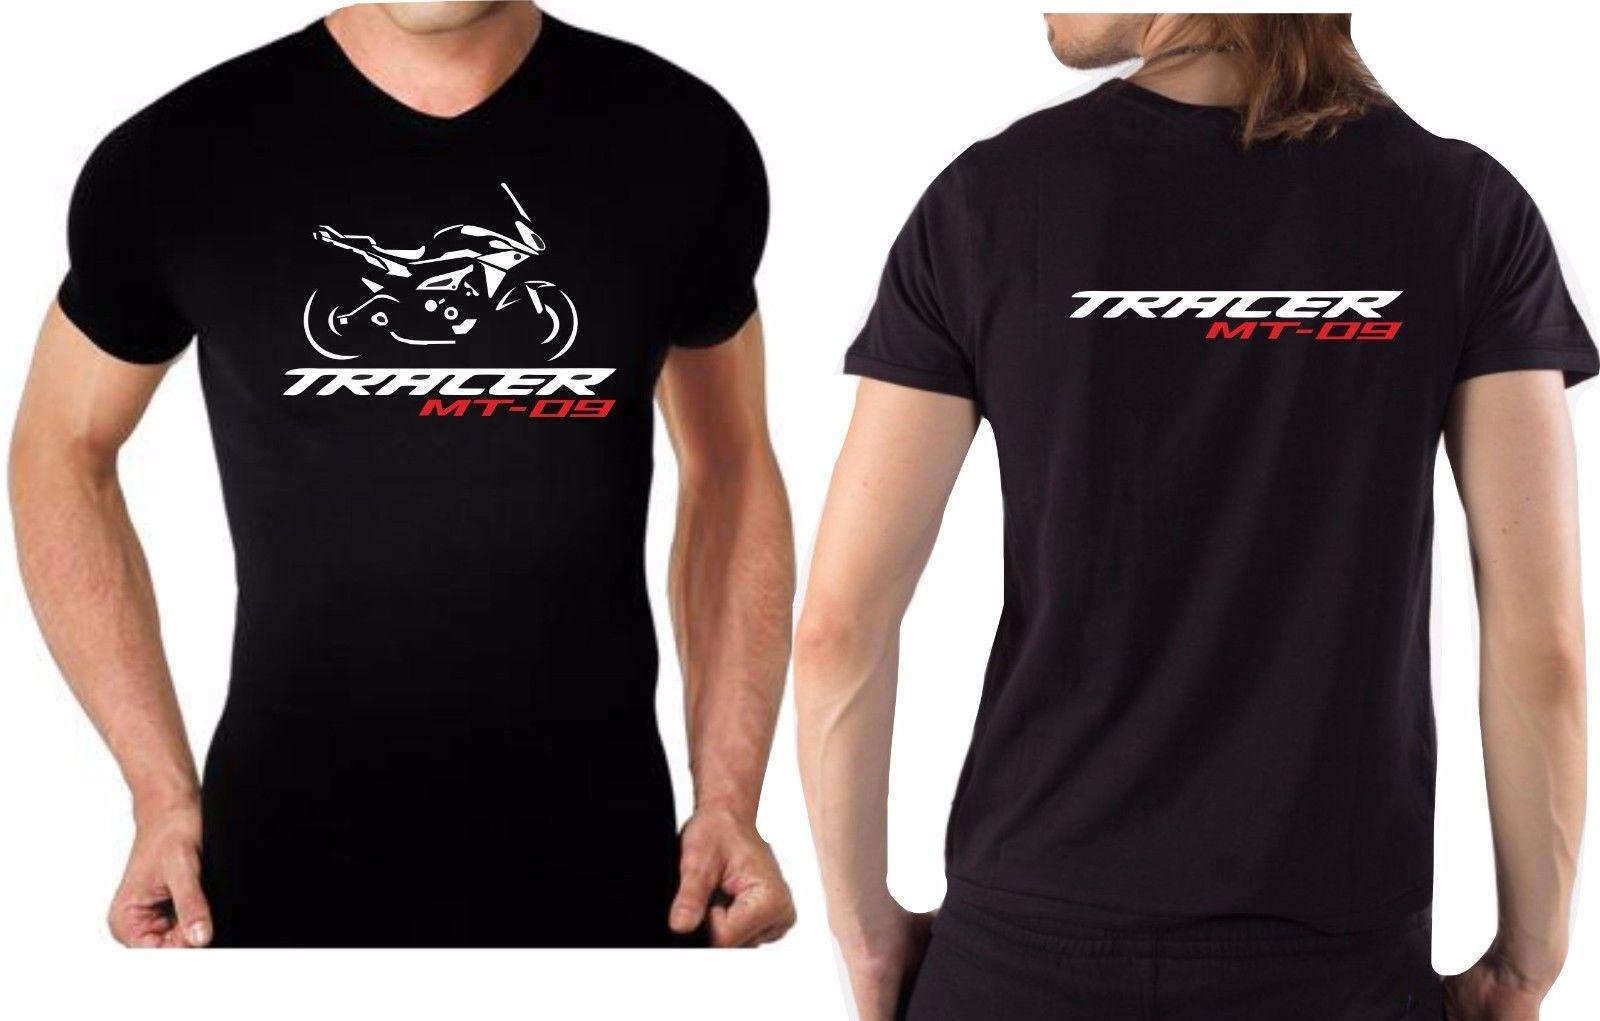 T-shirt Moto Hommes Japon T-shirt Casual Fashion 2021 pour le nouveau T-shirt 09 TRACER MT Shirt MT09 JHOIB